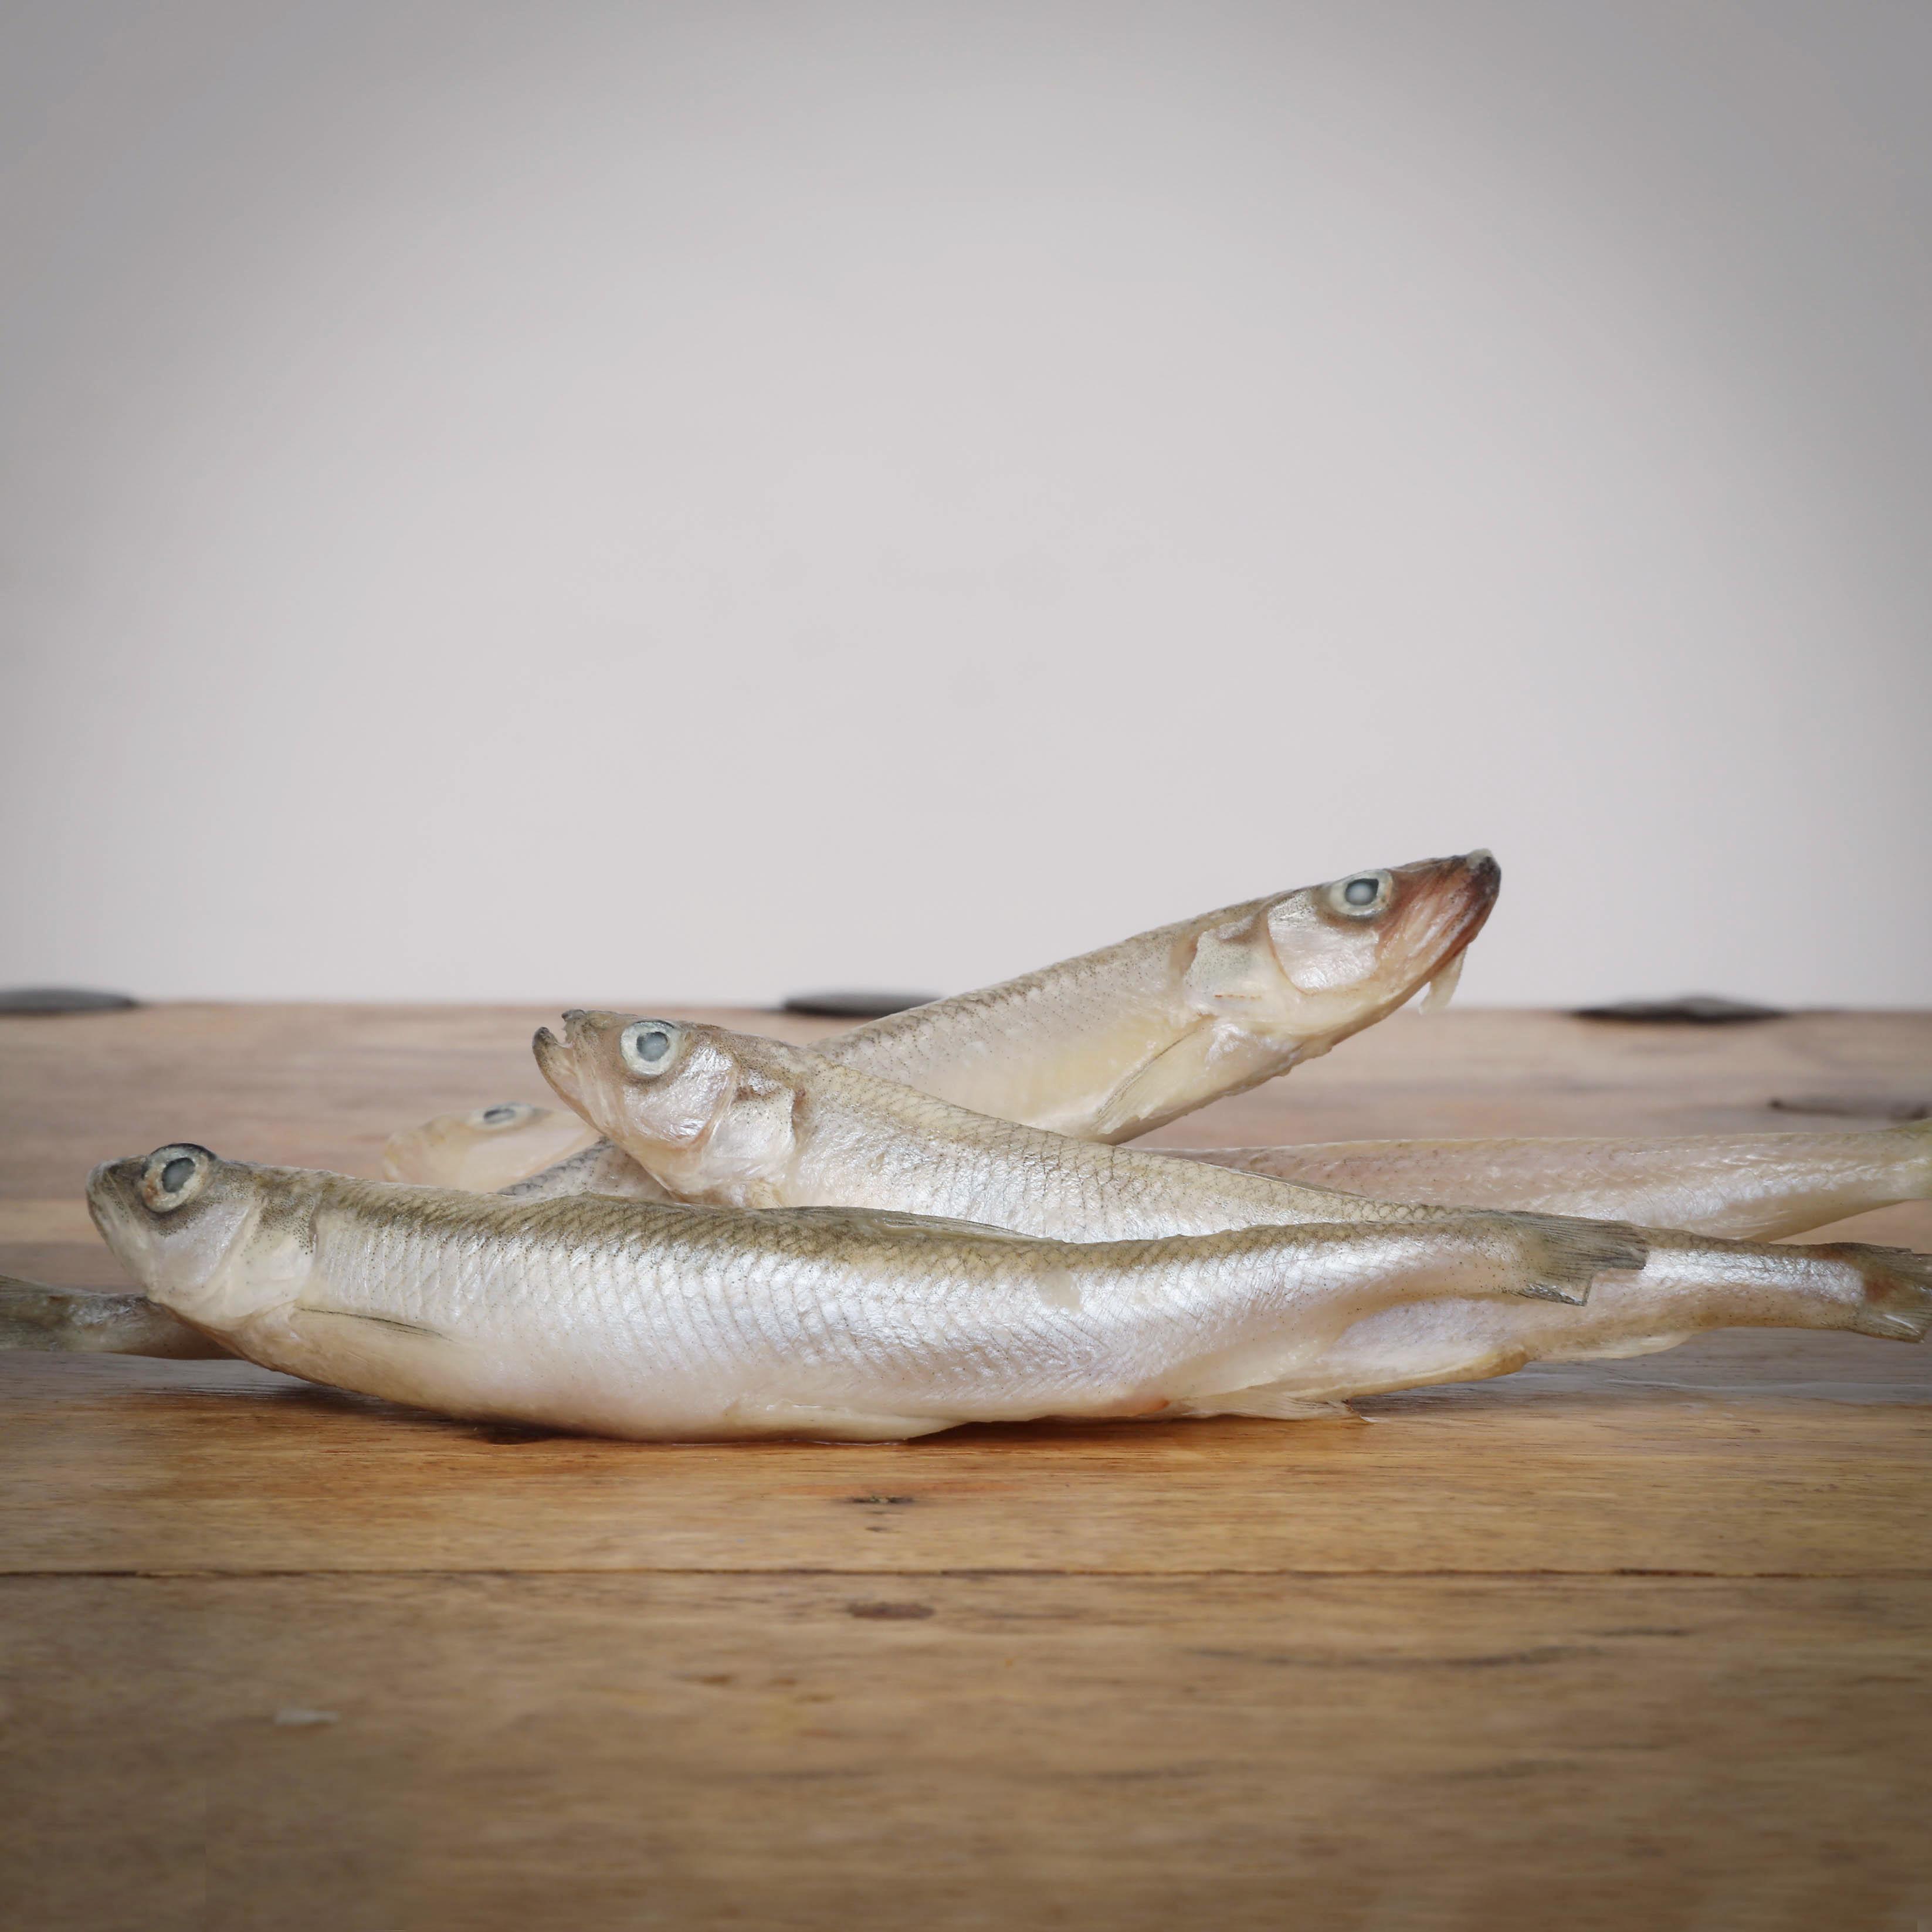 Stinte, ganze Fische, lose, 500 g für Greifvögel